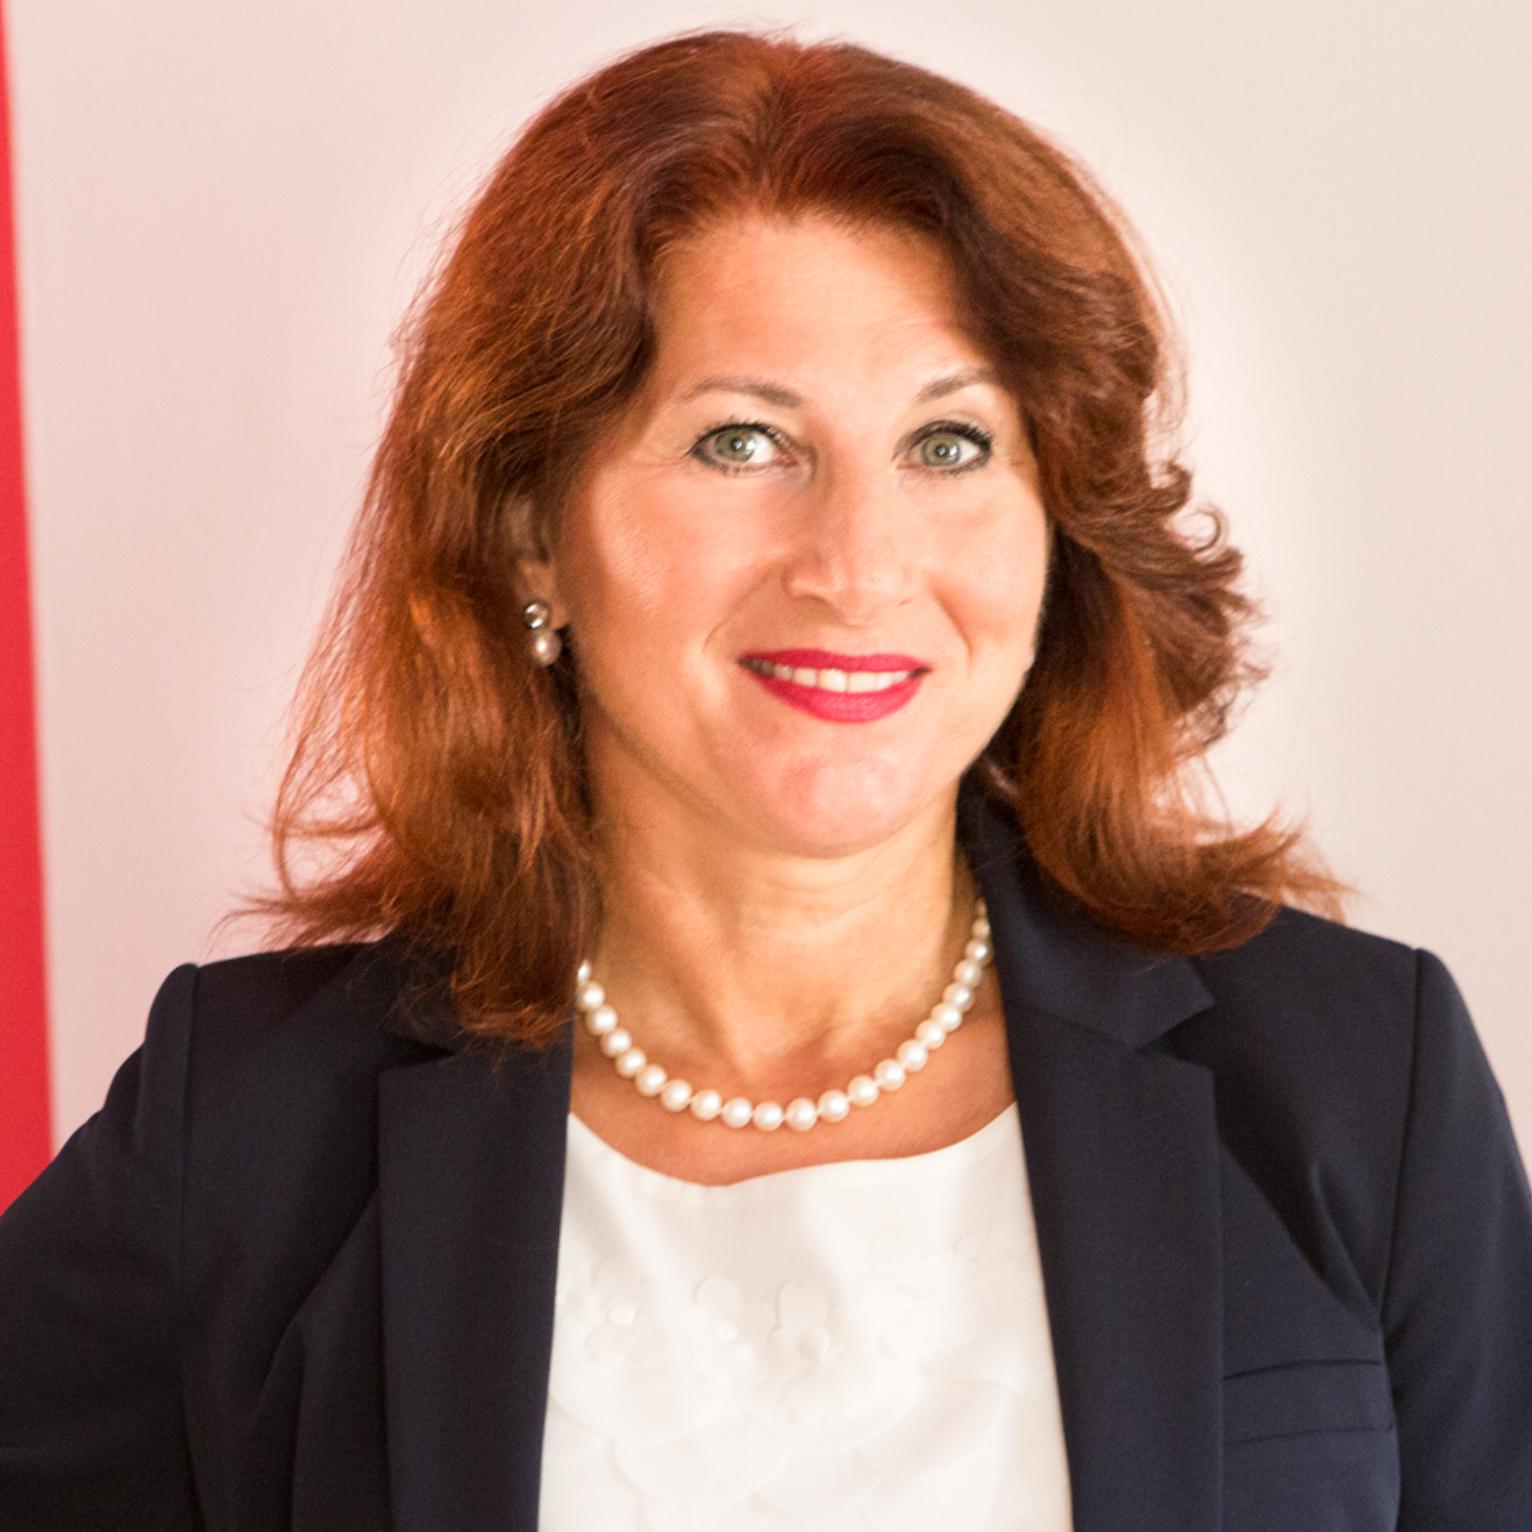 Rechtsanwältin Dr Ingrid Bläumauer Kanzlei Ingrid Bläumauer